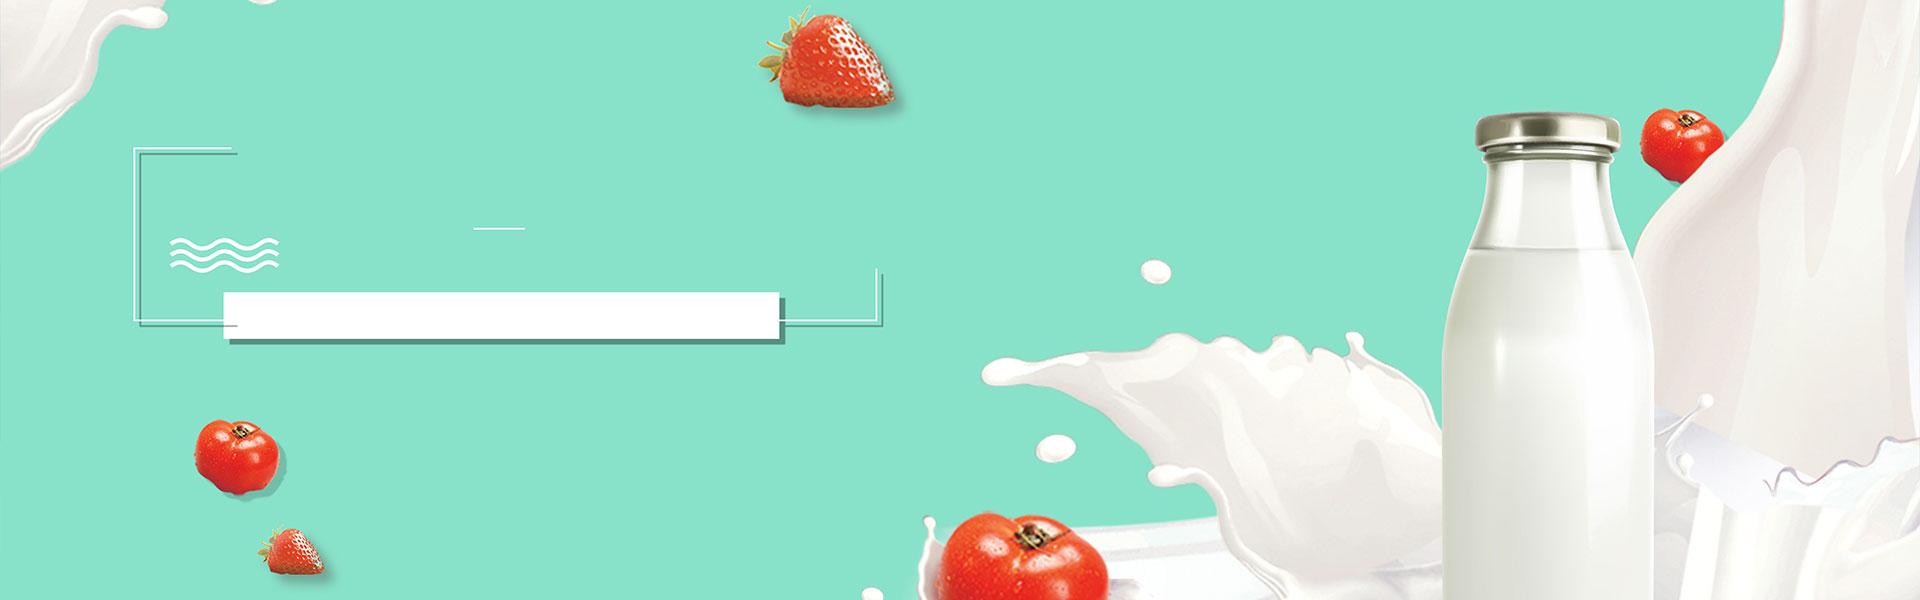 淮安红苹果婚庆公司提供婚礼策划,婚纱摄影,旅游服务,母婴产品